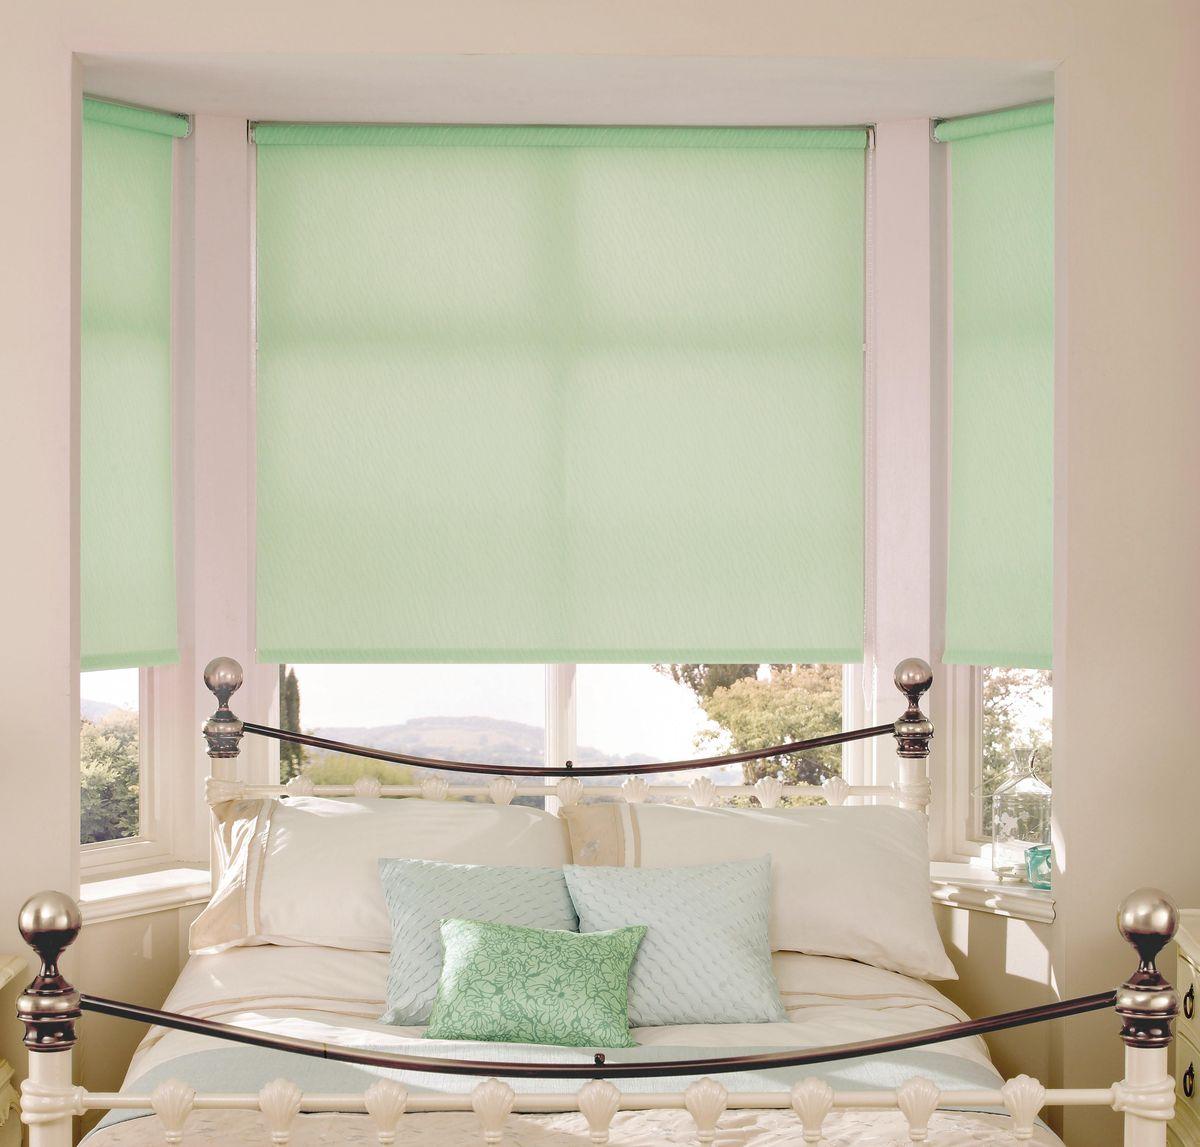 Штора рулонная Эскар, цвет: светло-зеленый, ширина 60 см, высота 170 смS03301004Рулонными шторами можно оформлять окна как самостоятельно, так и использовать в комбинации с портьерами. Это поможет предотвратить выгорание дорогой ткани на солнце и соединит функционал рулонных с красотой навесных.Преимущества применения рулонных штор для пластиковых окон:- имеют прекрасный внешний вид: многообразие и фактурность материала изделия отлично смотрятся в любом интерьере; - многофункциональны: есть возможность подобрать шторы способные эффективно защитить комнату от солнца, при этом о на не будет слишком темной. - Есть возможность осуществить быстрый монтаж. ВНИМАНИЕ! Размеры ширины изделия указаны по ширине ткани!Во время эксплуатации не рекомендуется полностью разматывать рулон, чтобы не оторвать ткань от намоточного вала.В случае загрязнения поверхности ткани, чистку шторы проводят одним из способов, в зависимости от типа загрязнения: легкое поверхностное загрязнение можно удалить при помощи канцелярского ластика; чистка от пыли производится сухим методом при помощи пылесоса с мягкой щеткой-насадкой; для удаления пятна используйте мягкую губку с пенообразующим неагрессивным моющим средством или пятновыводитель на натуральной основе (нельзя применять растворители).